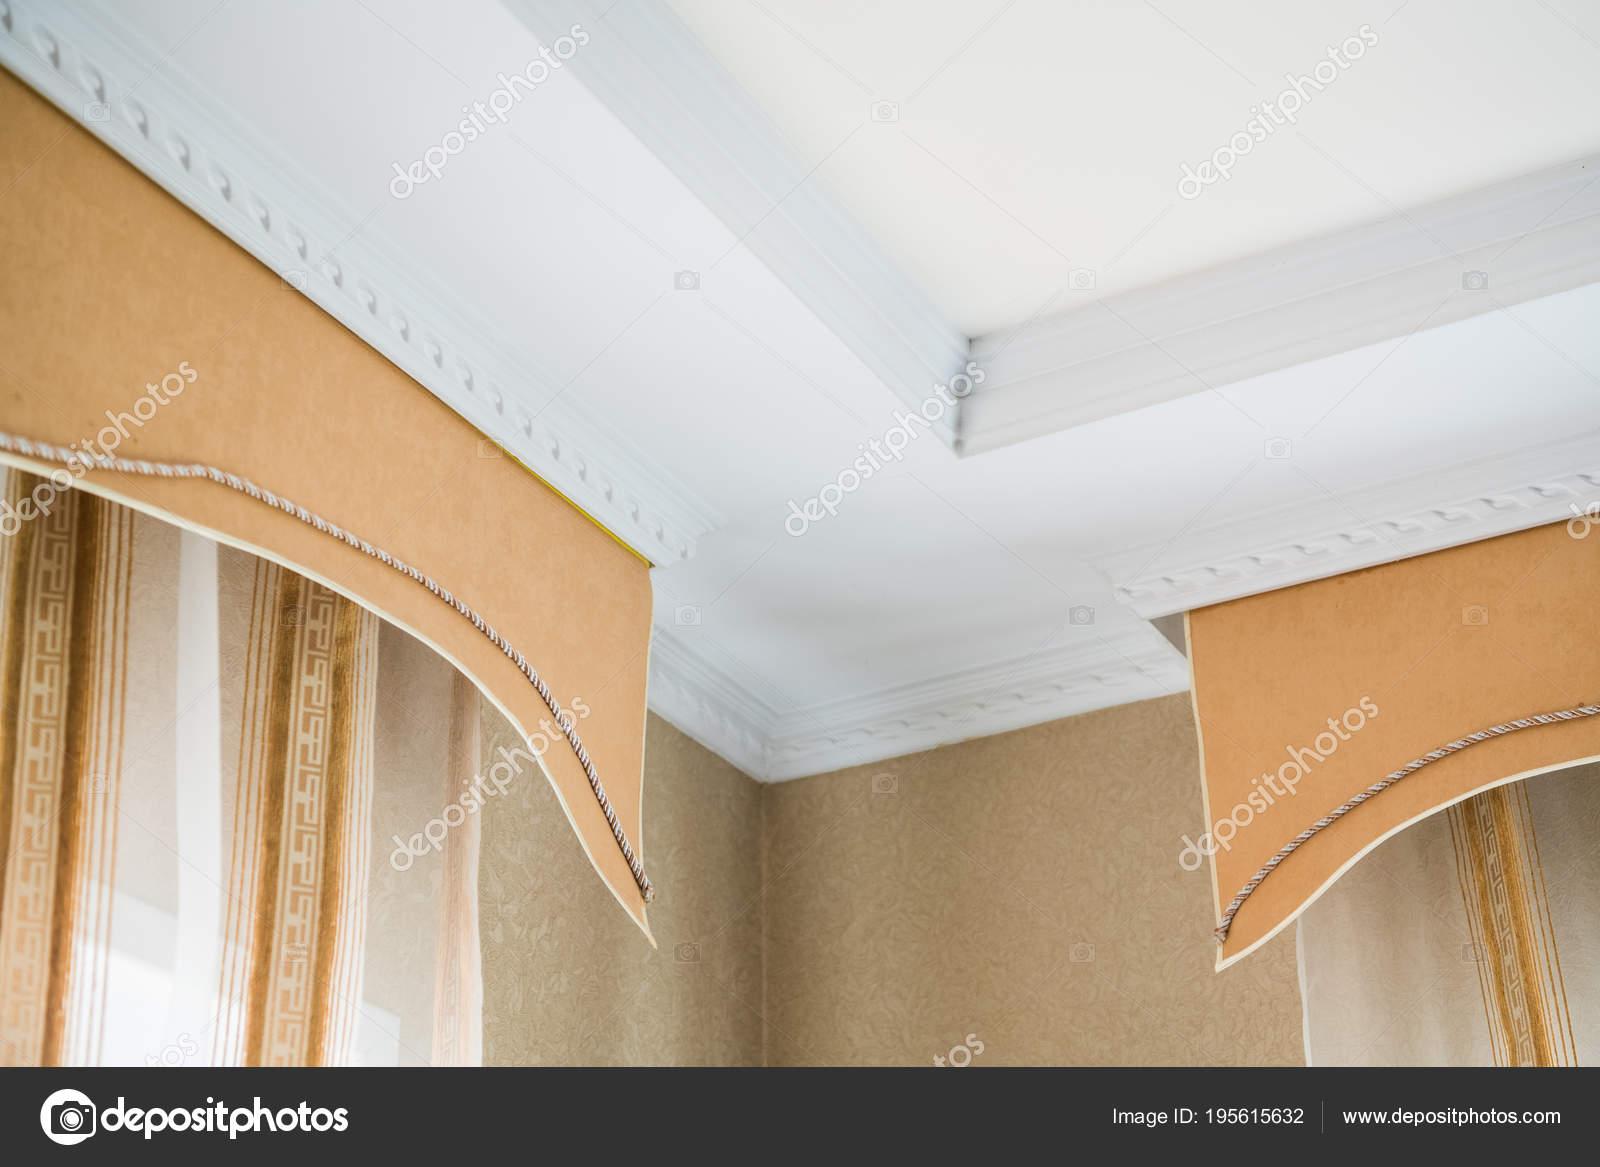 stucwerk op het plafond en gordijnen in rijke appartement stockfoto